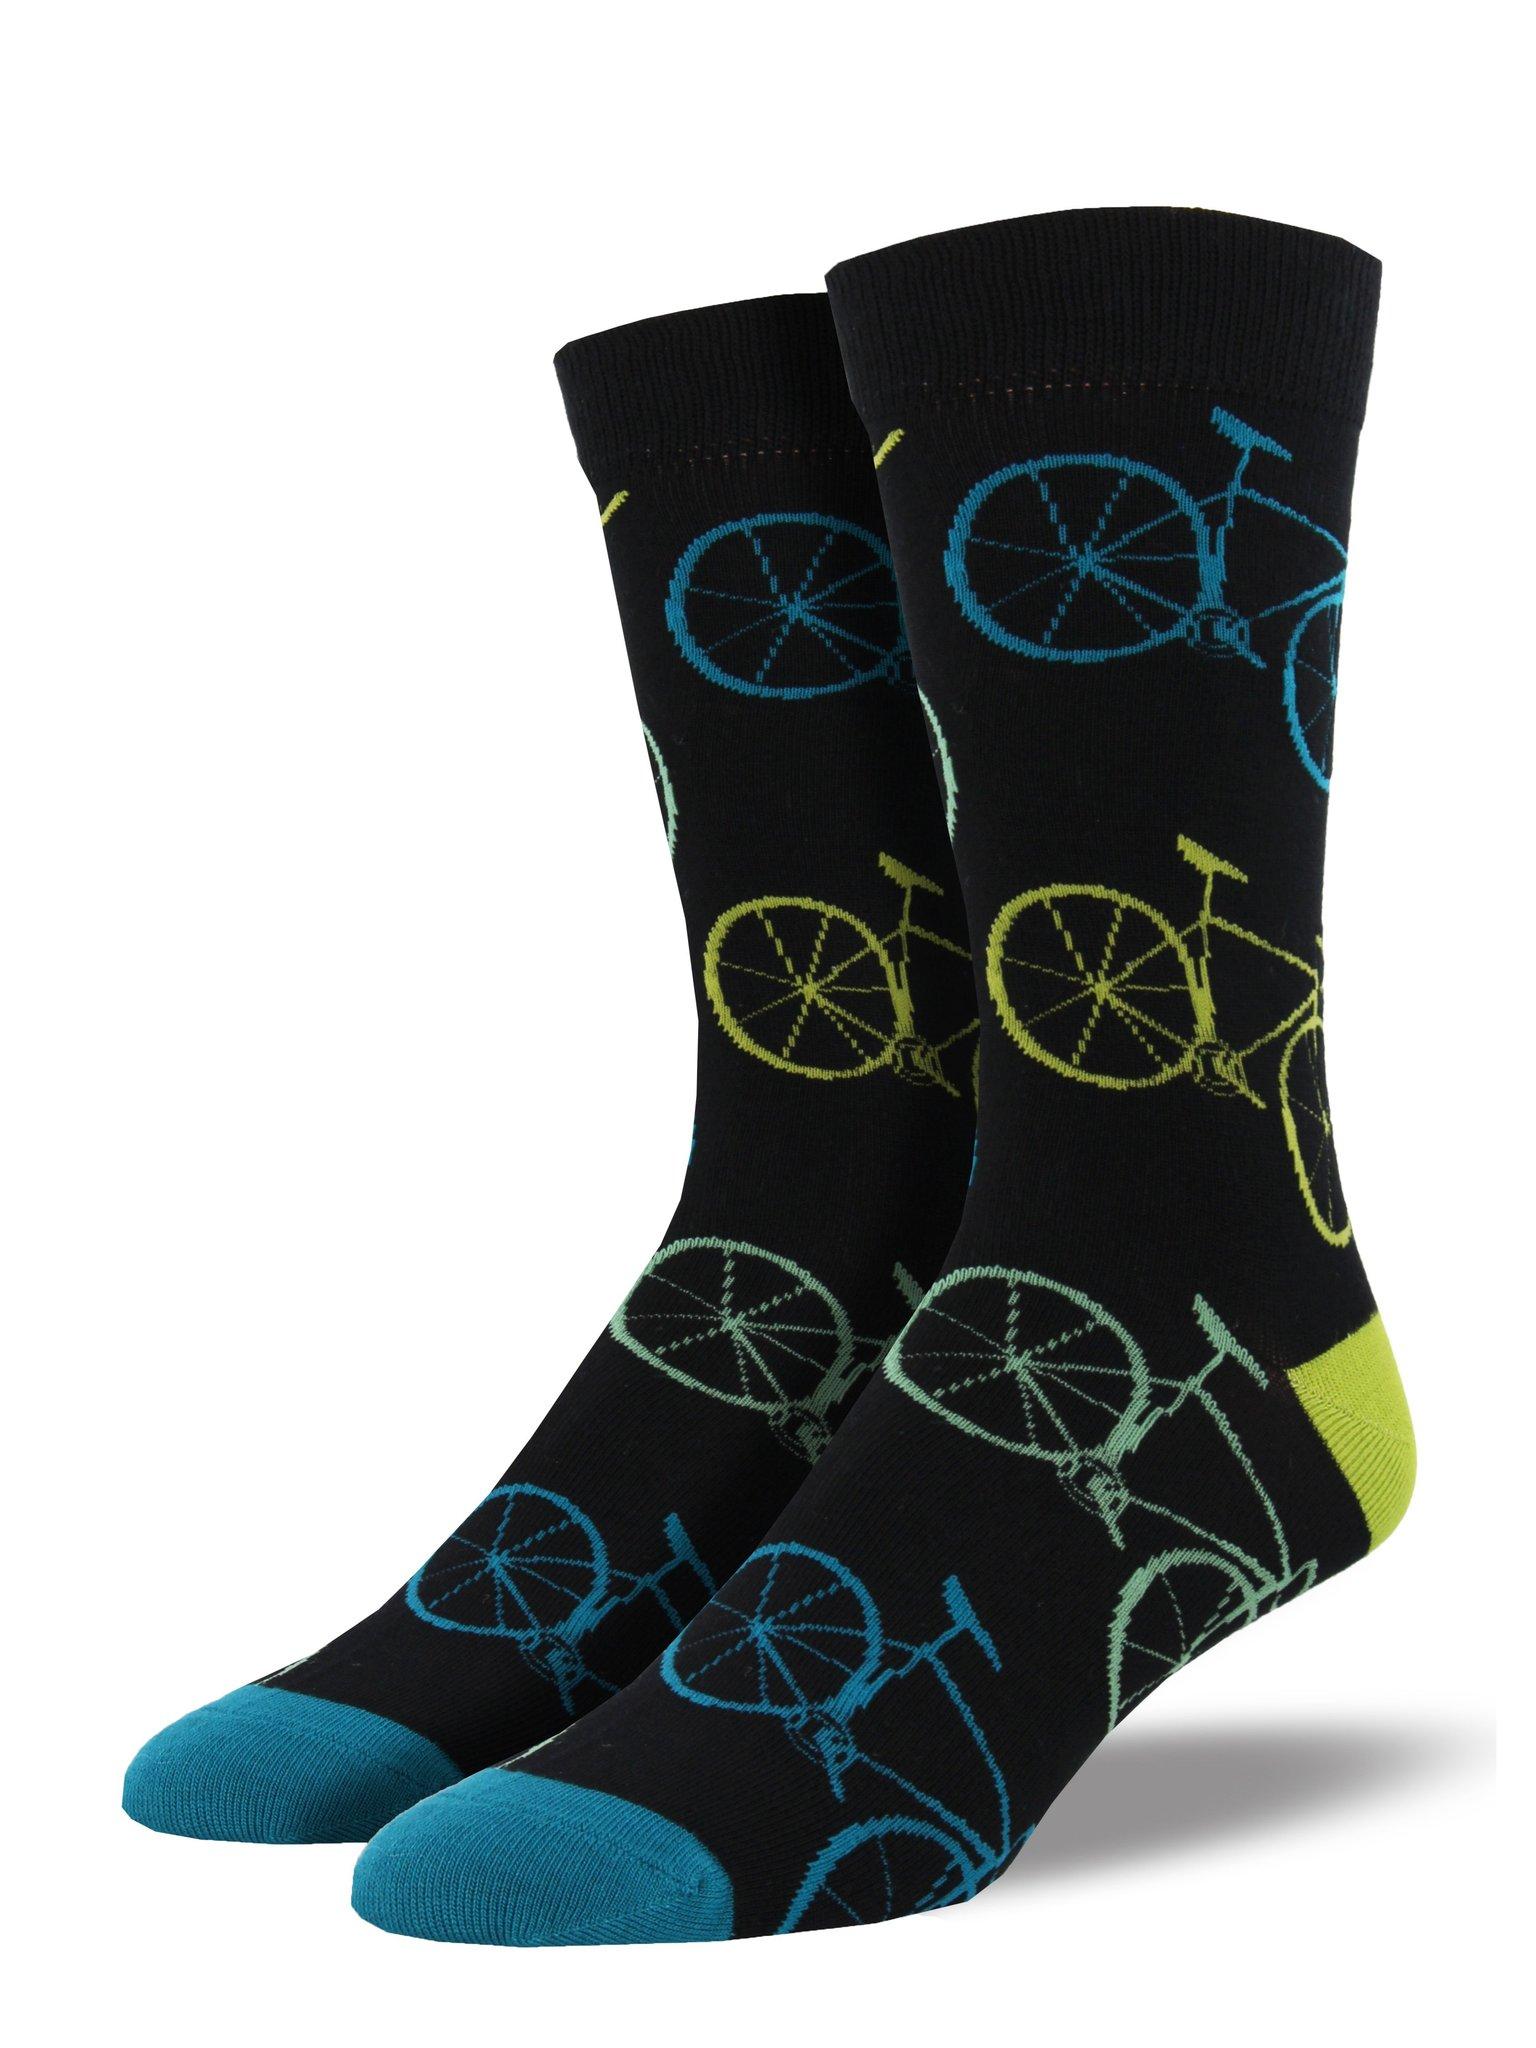 socksmith-design-mens-bamboo-fixie-socks-black.jpg